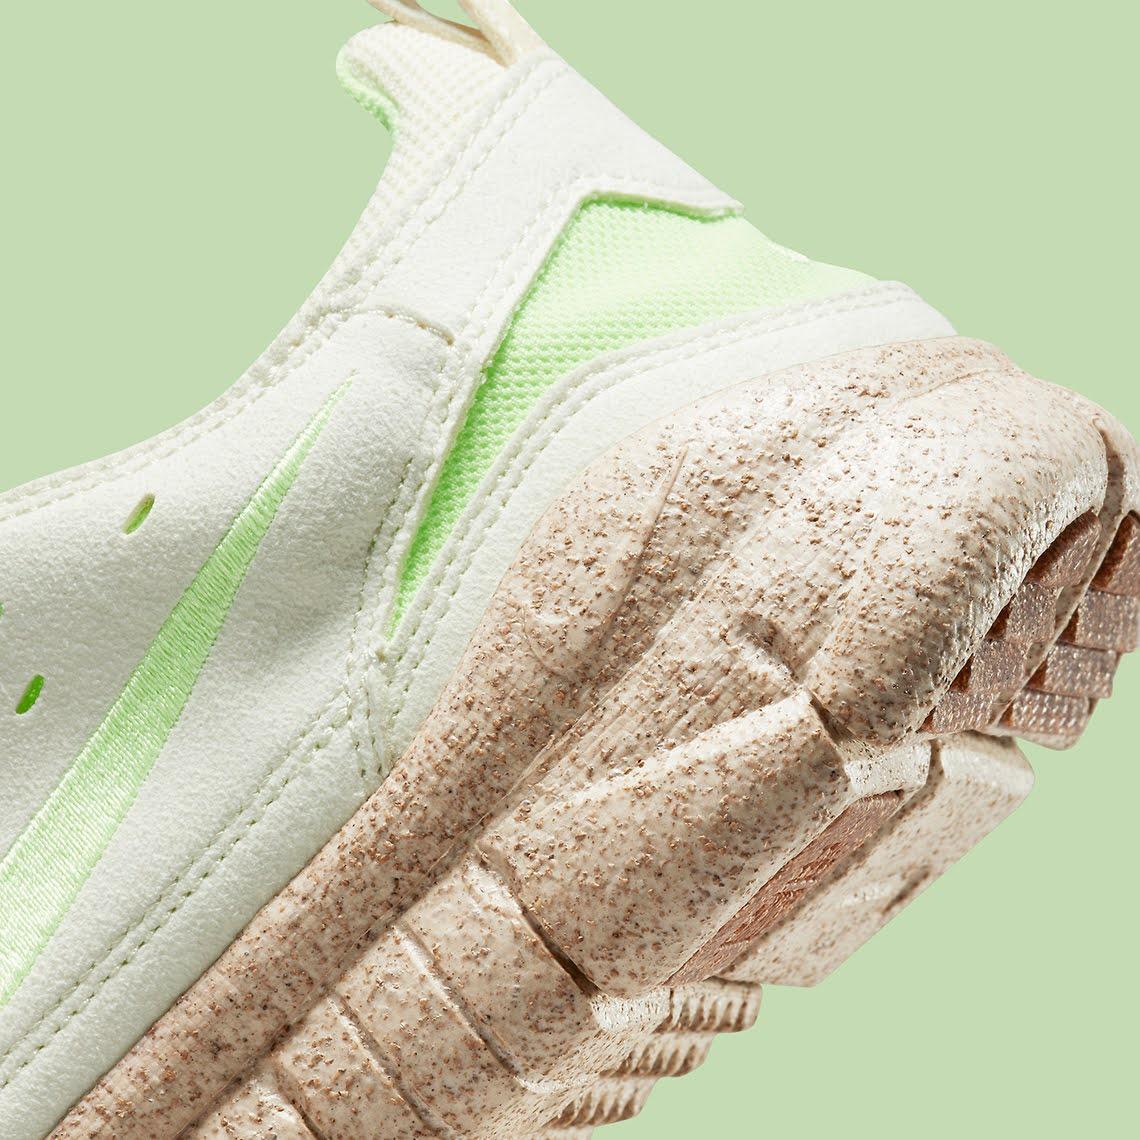 """ナイキ フリー ラン トレイル """"ハッピー パイナップル"""" Nike-Free-Run-Trail-happy-pineapple-CZ9079-100-side-heel"""